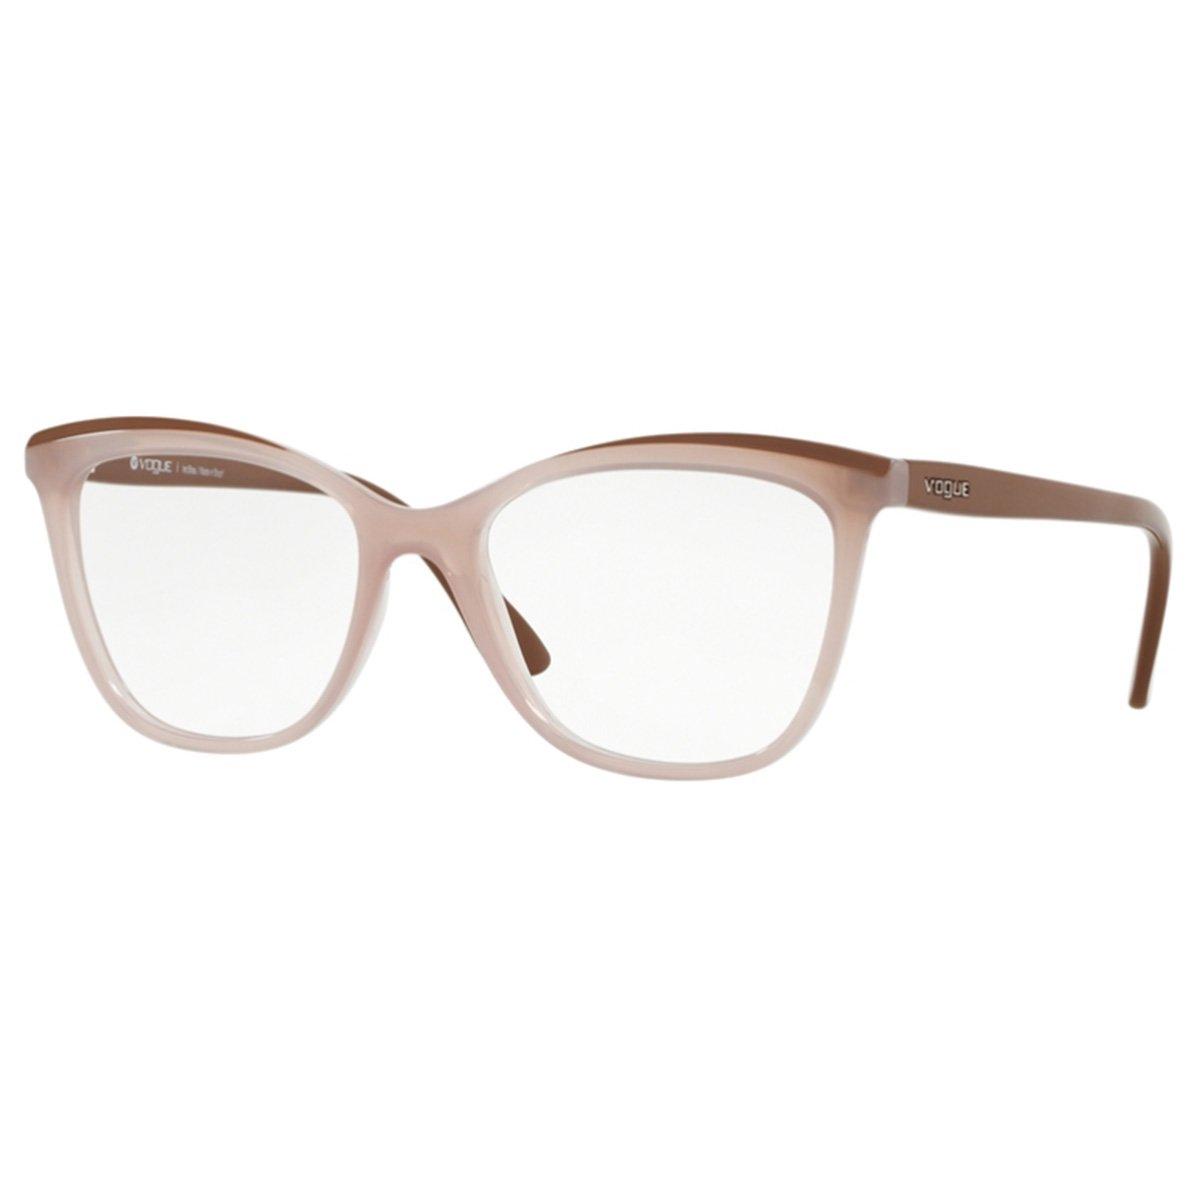 572699169 Compre Óculos de Grau Vogue em 10X | Tri-Jóia Shop